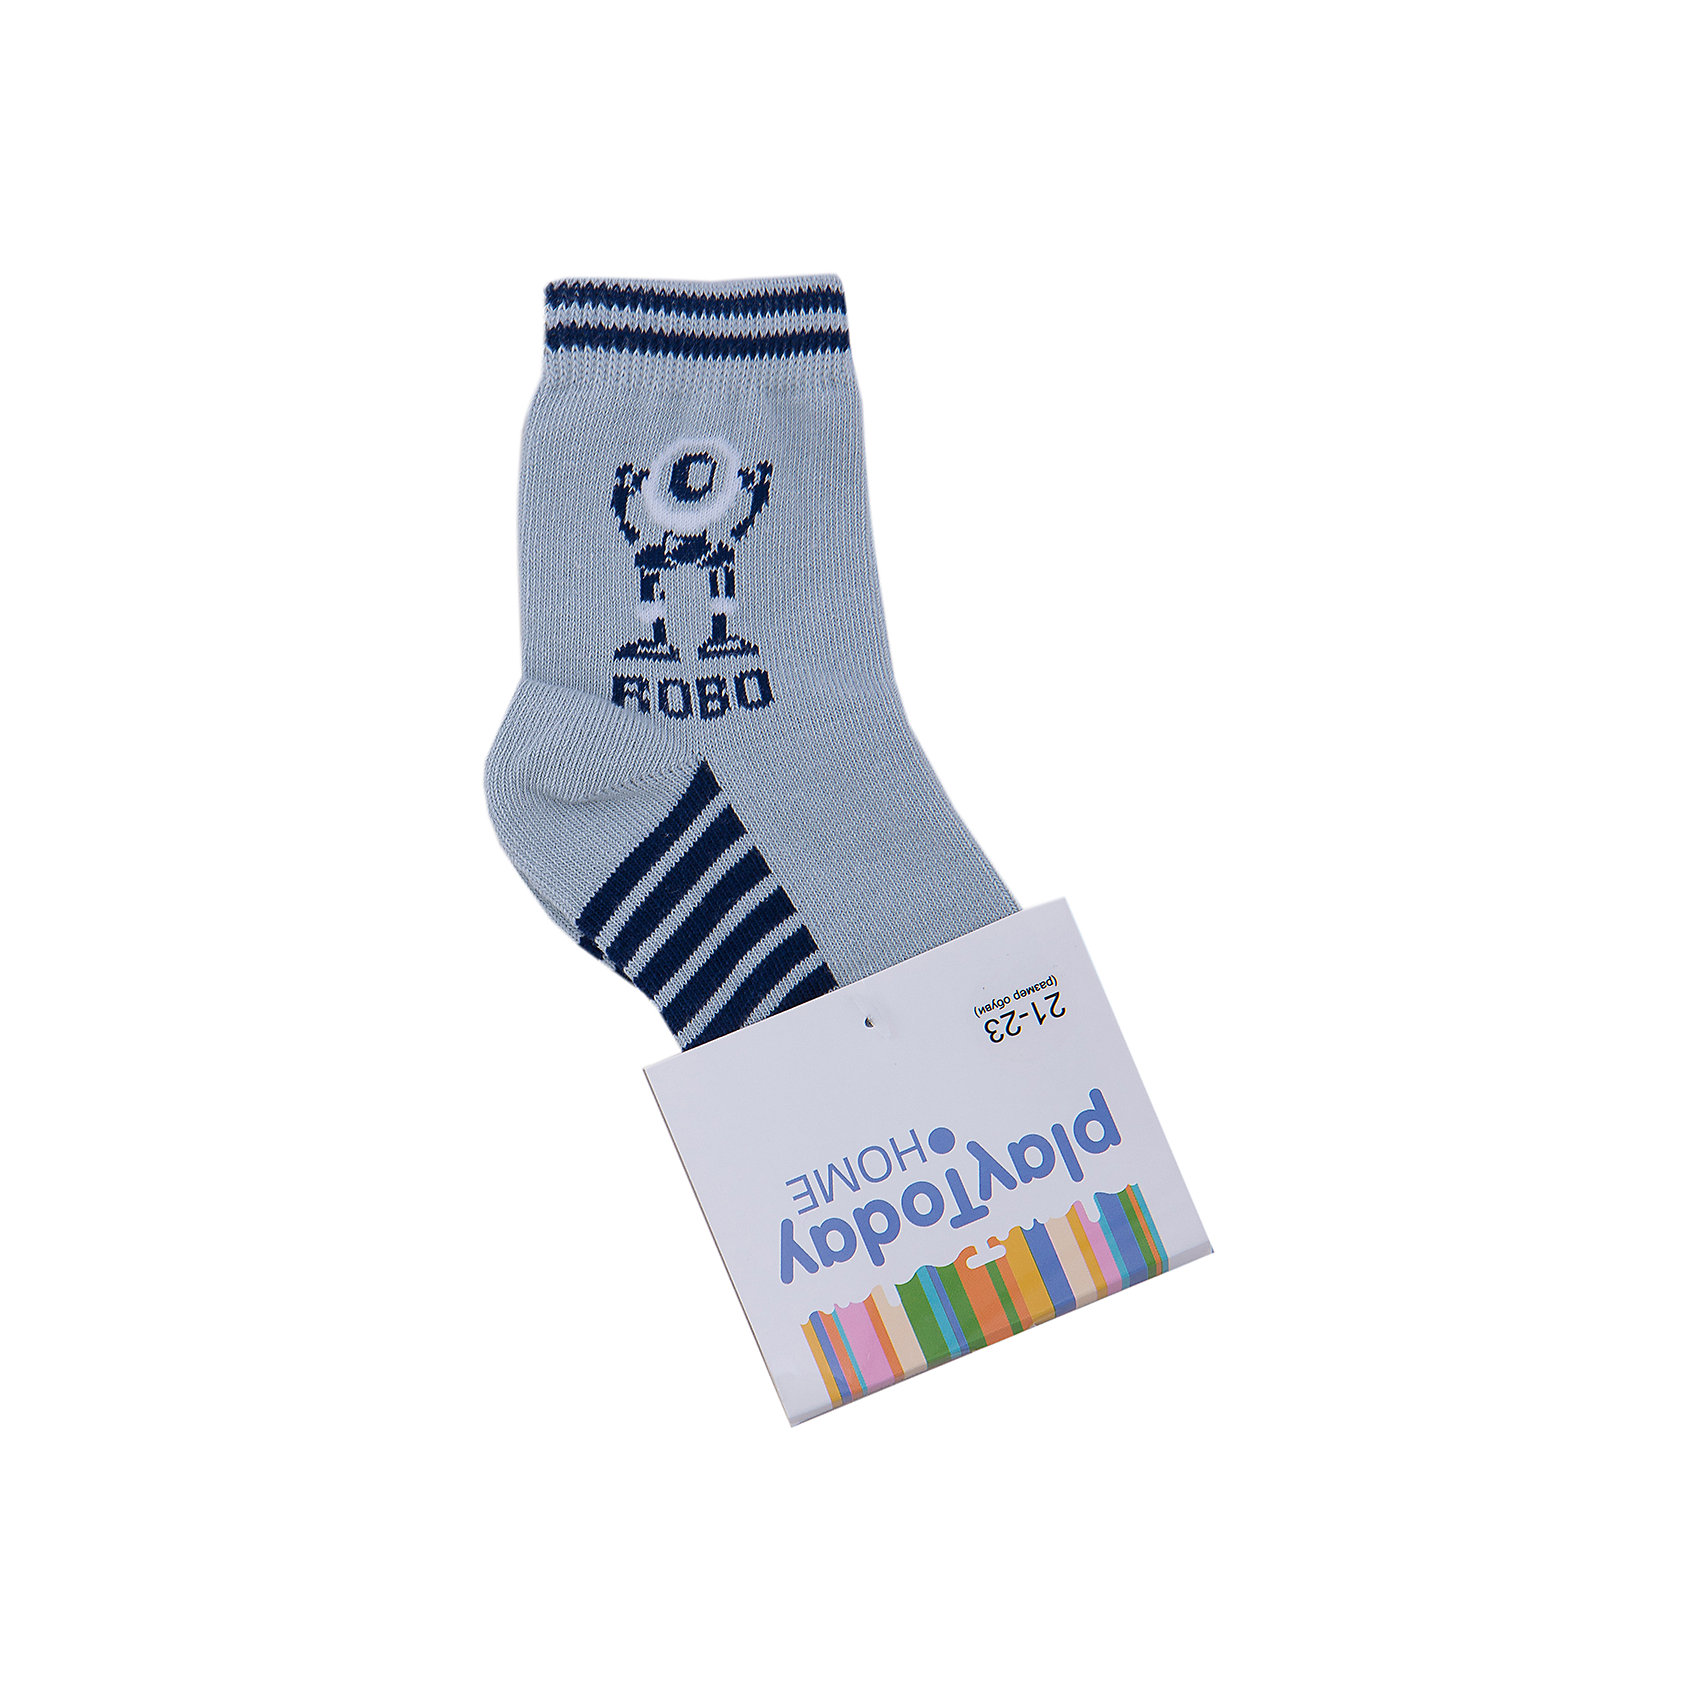 Носки для мальчика PlayTodayНоски для мальчика от известного бренда PlayToday.<br>Мягкие носочки на каждый день. Верх на резинке.<br>Состав:<br>75% хлопок, 22% нейлон, 3% эластан<br><br>Ширина мм: 87<br>Глубина мм: 10<br>Высота мм: 105<br>Вес г: 115<br>Цвет: разноцветный<br>Возраст от месяцев: 0<br>Возраст до месяцев: 3<br>Пол: Мужской<br>Возраст: Детский<br>Размер: 16,14,18<br>SKU: 4897300